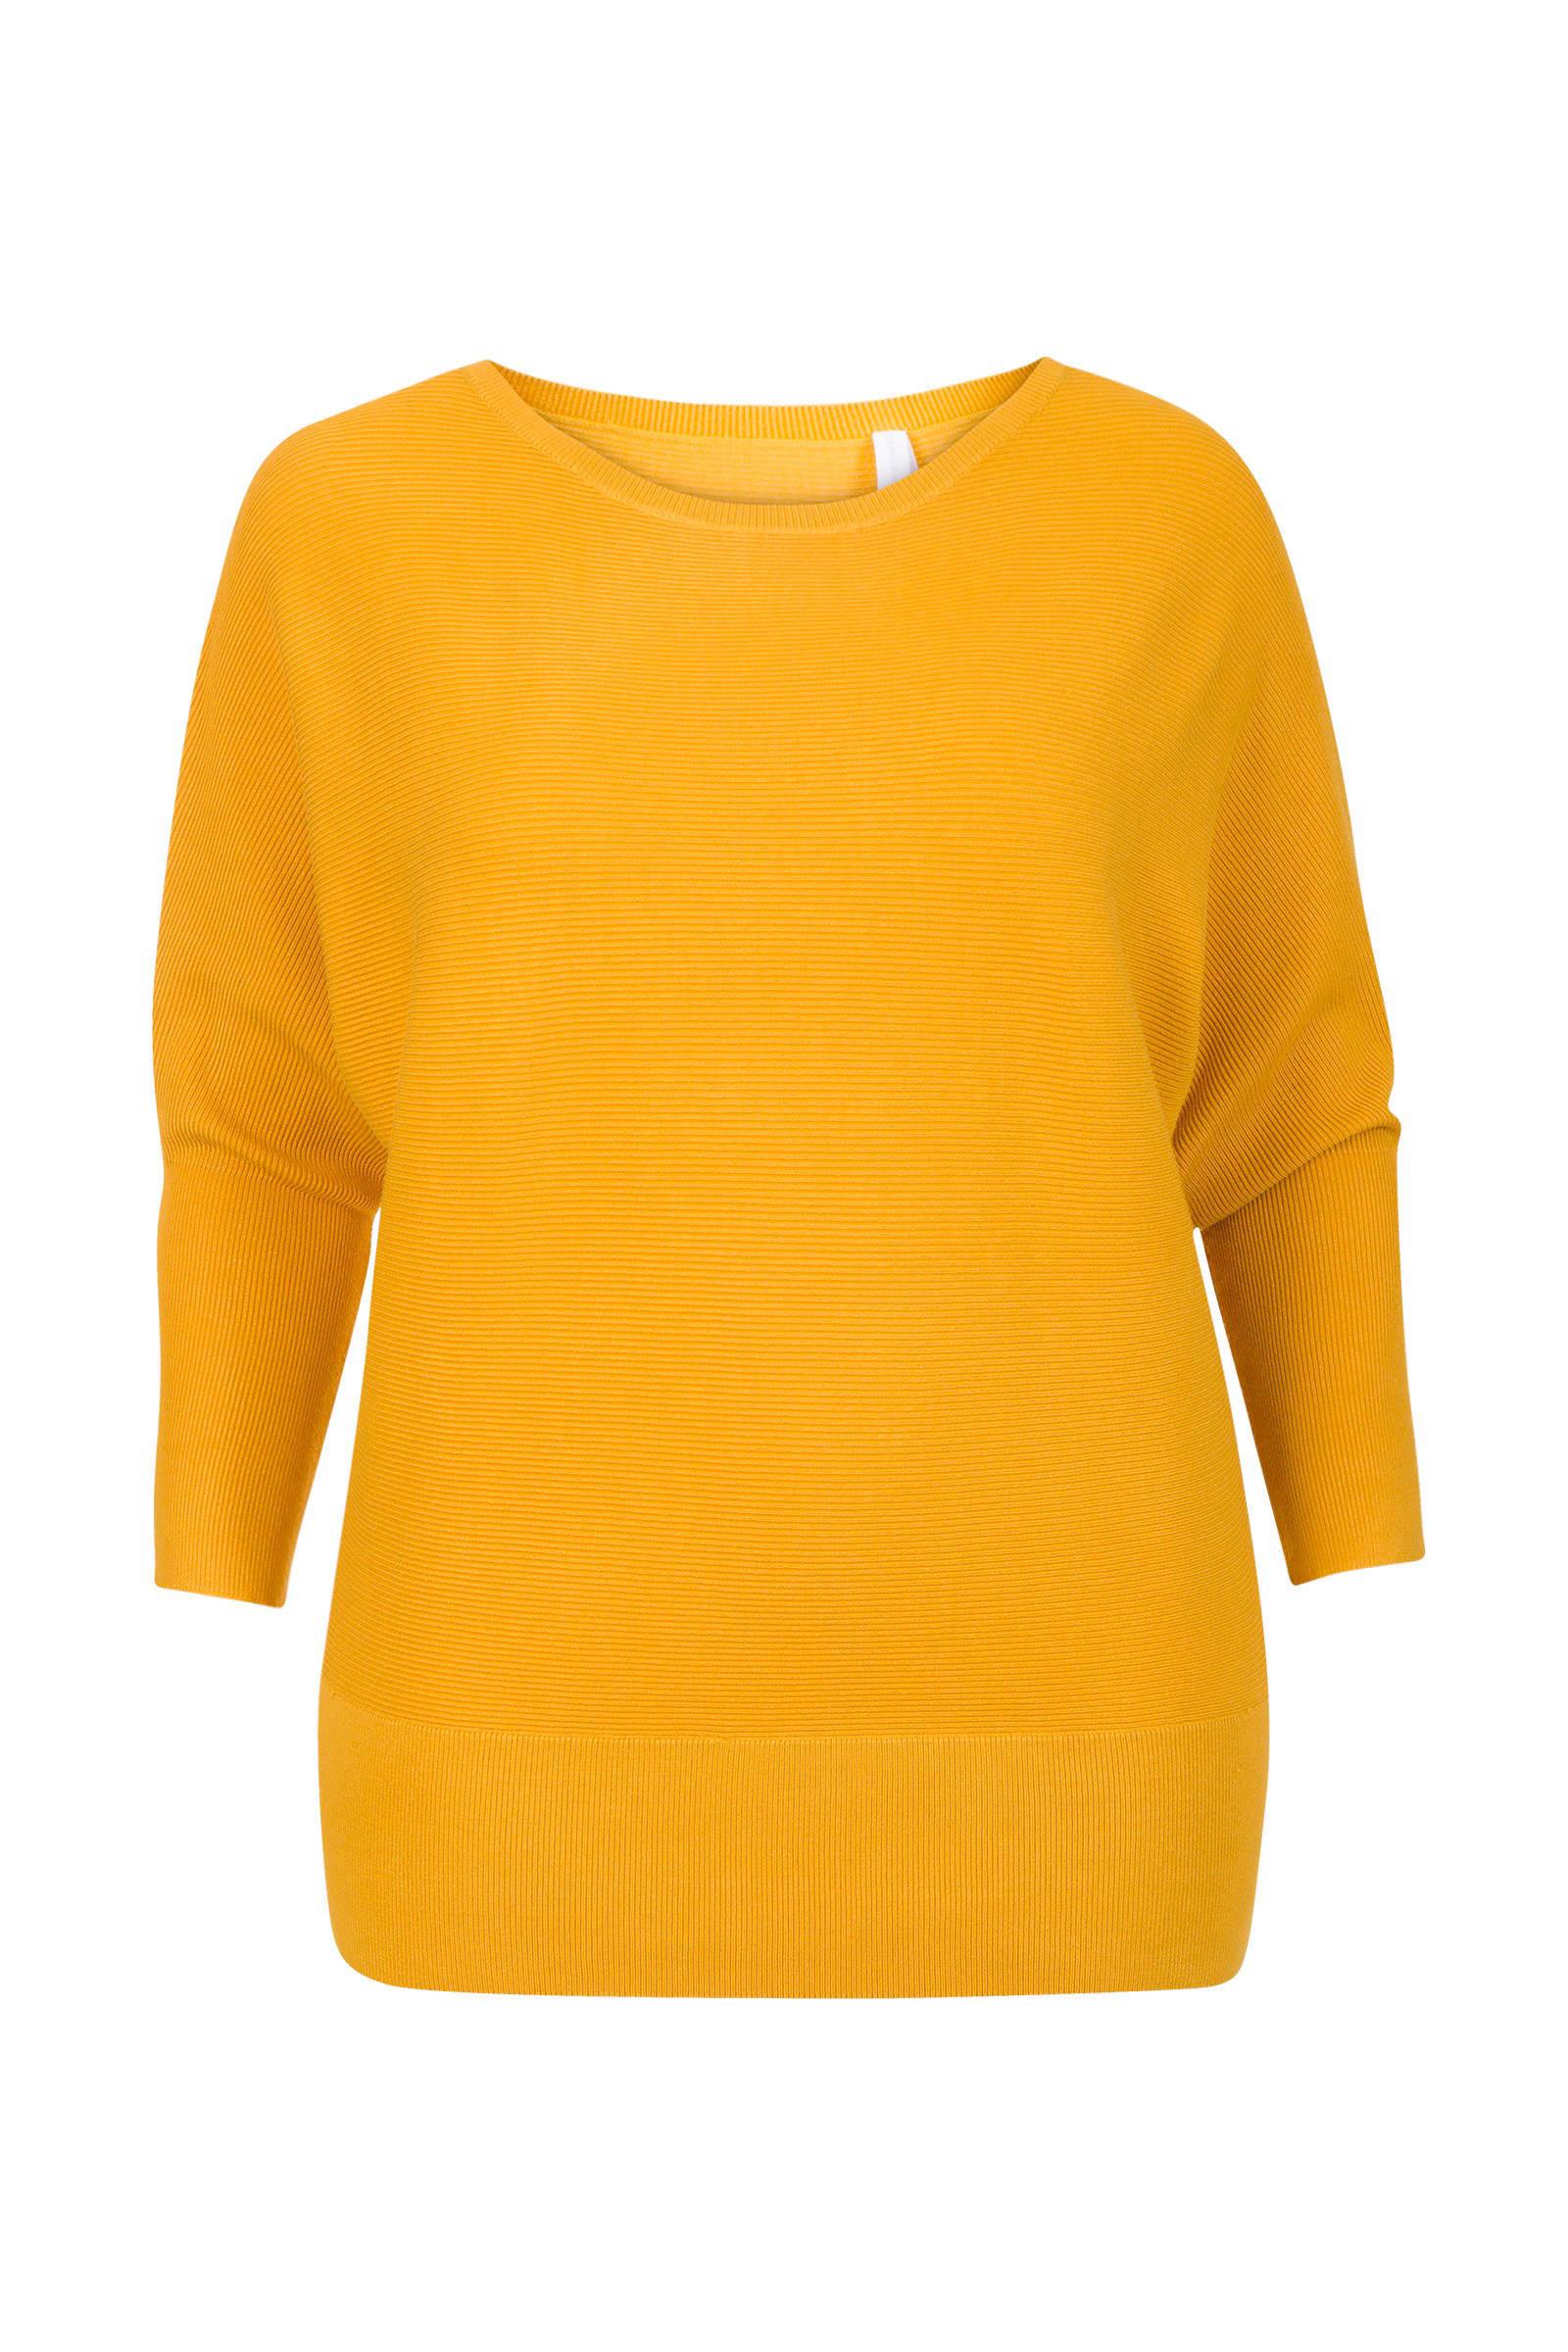 Okergele Trui Dames.Gele Sweater Dames